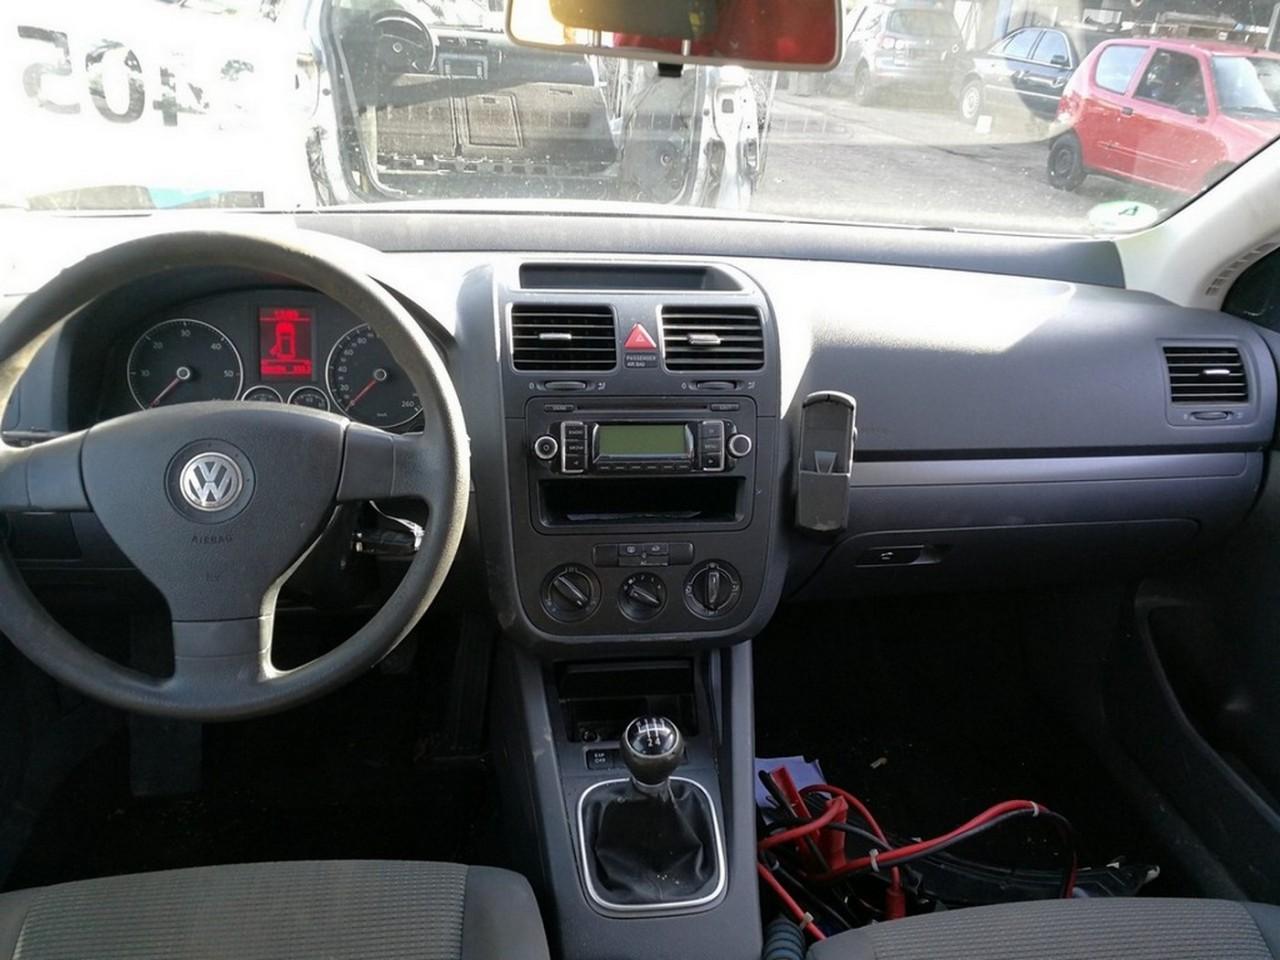 DEZMEMBRARI AUTO / DEZMEMBREZ Volkswagen Golf 5 bluemotion an de fabricatie 2008 - 2009 - 2010